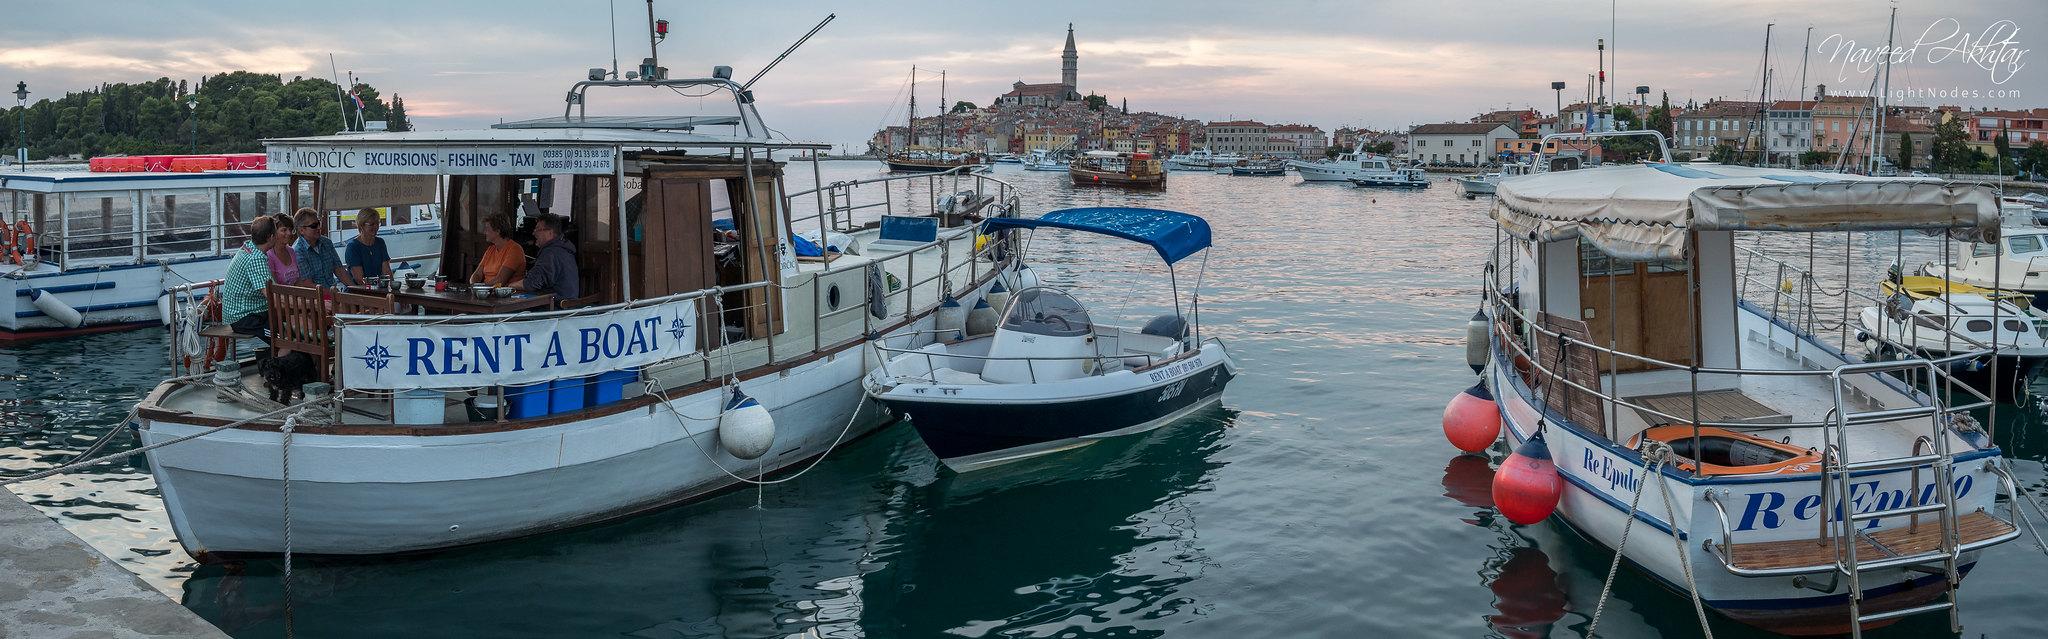 Little boat party at coastal town Rovinj, Croatia with Lumix GX7 4K